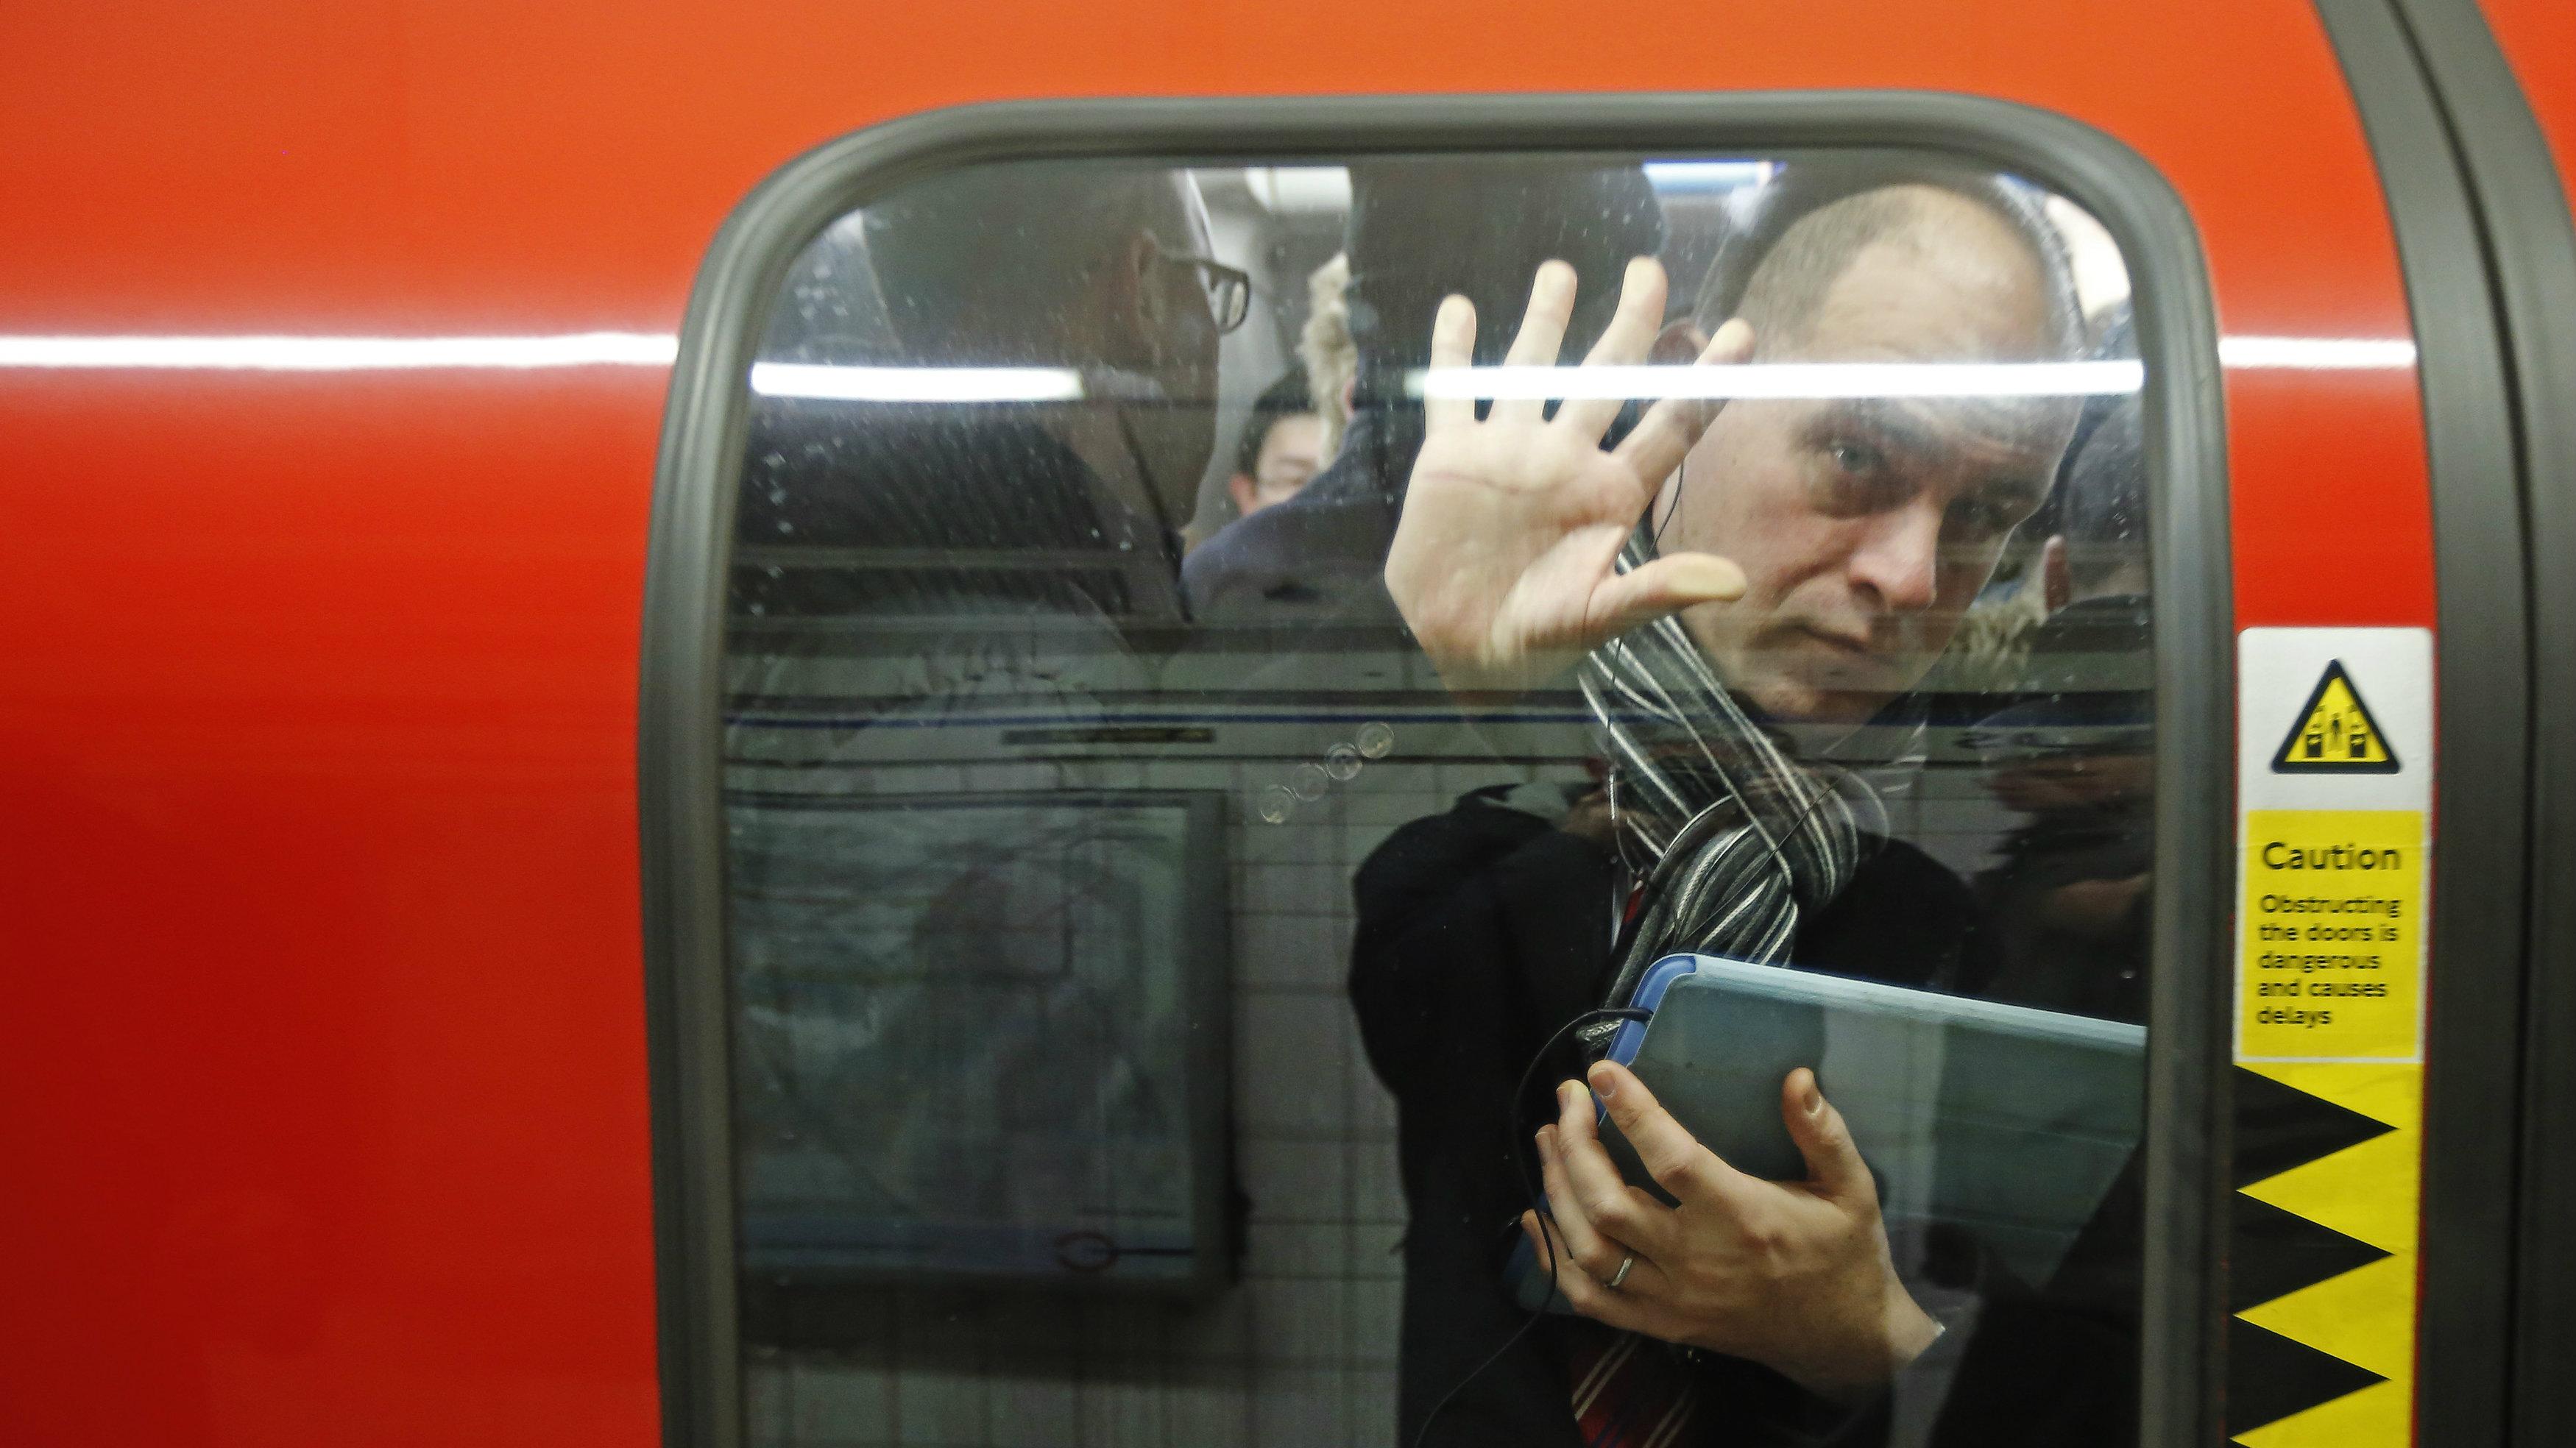 Passenger on the London tube.